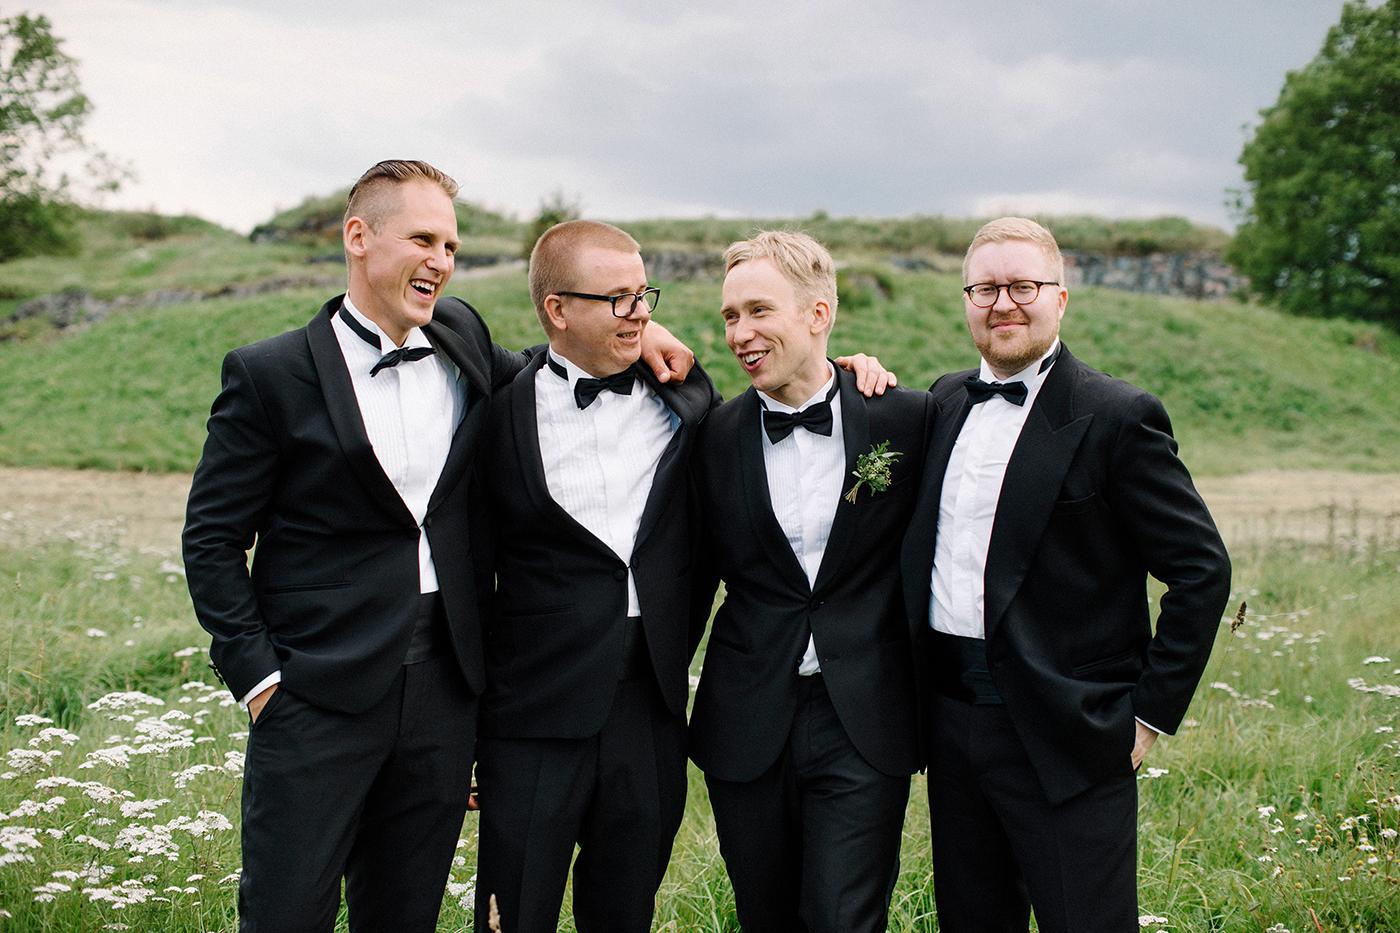 Indie Glam Wedding Tenalji von Fersen Suomenlinna (72).jpg